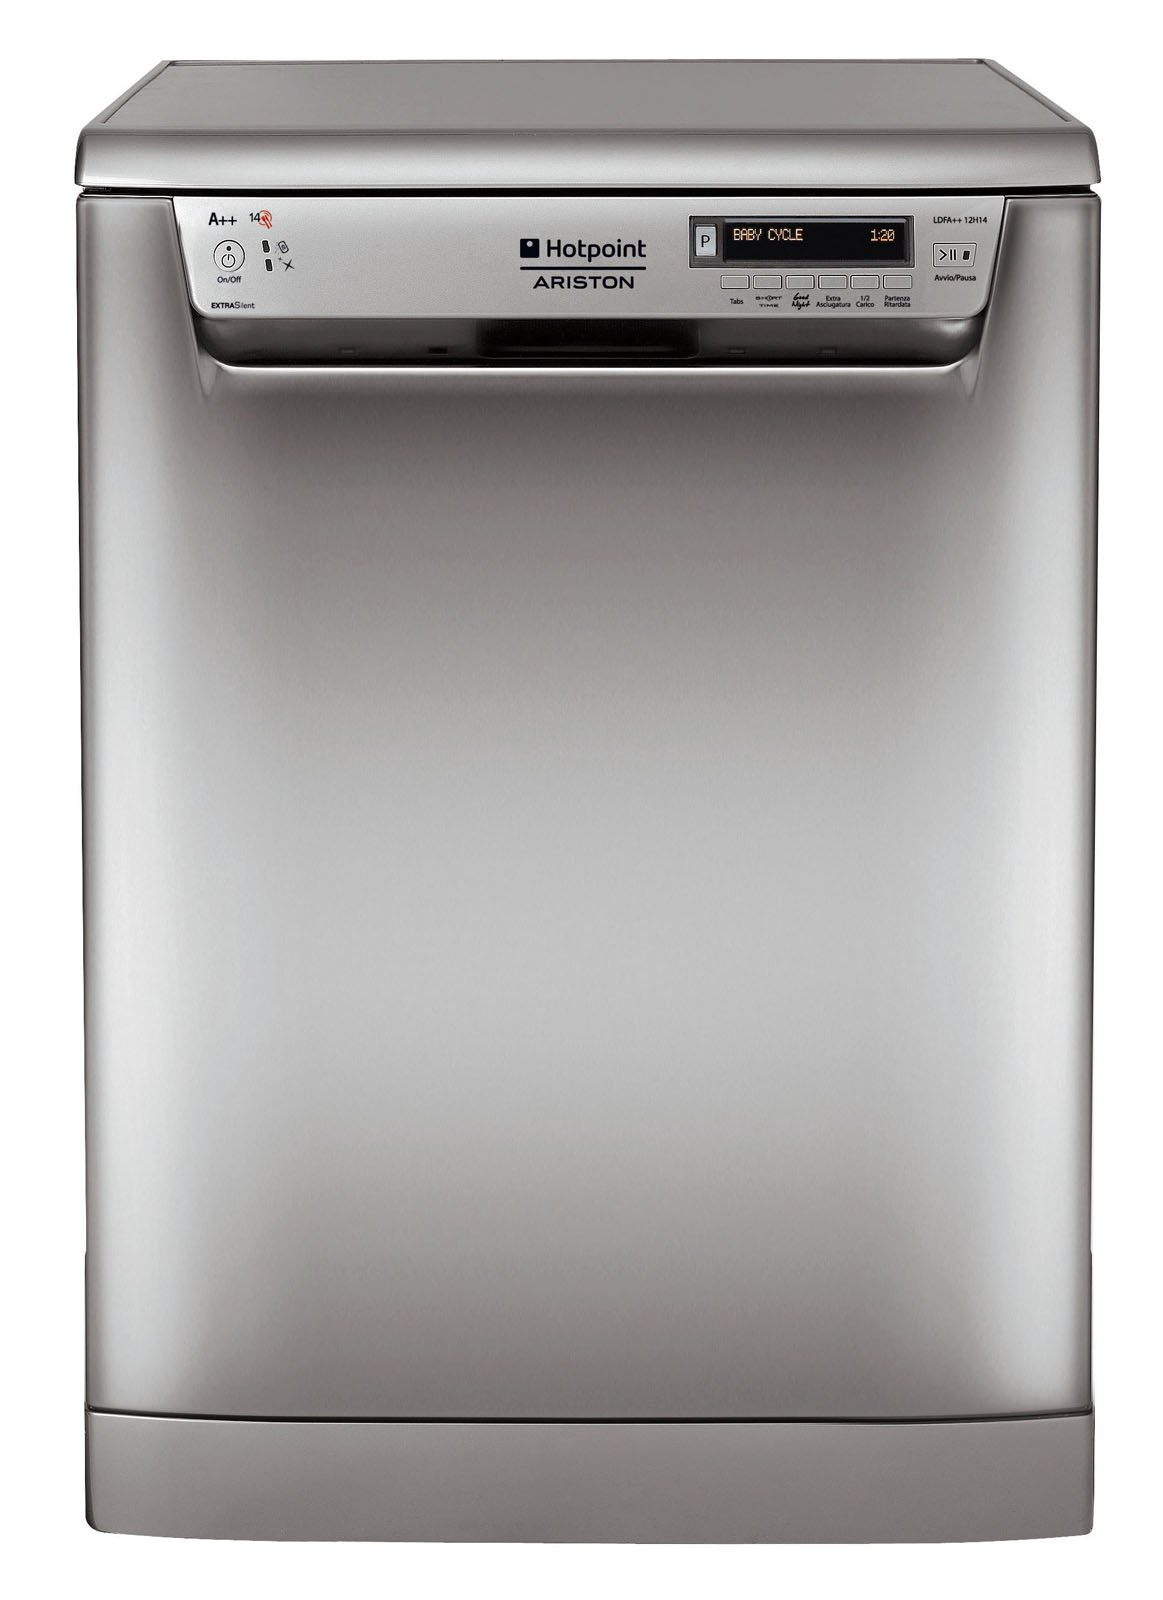 Casa immobiliare accessori lavastoviglie consumo acqua for Cancelletti estensibili ikea